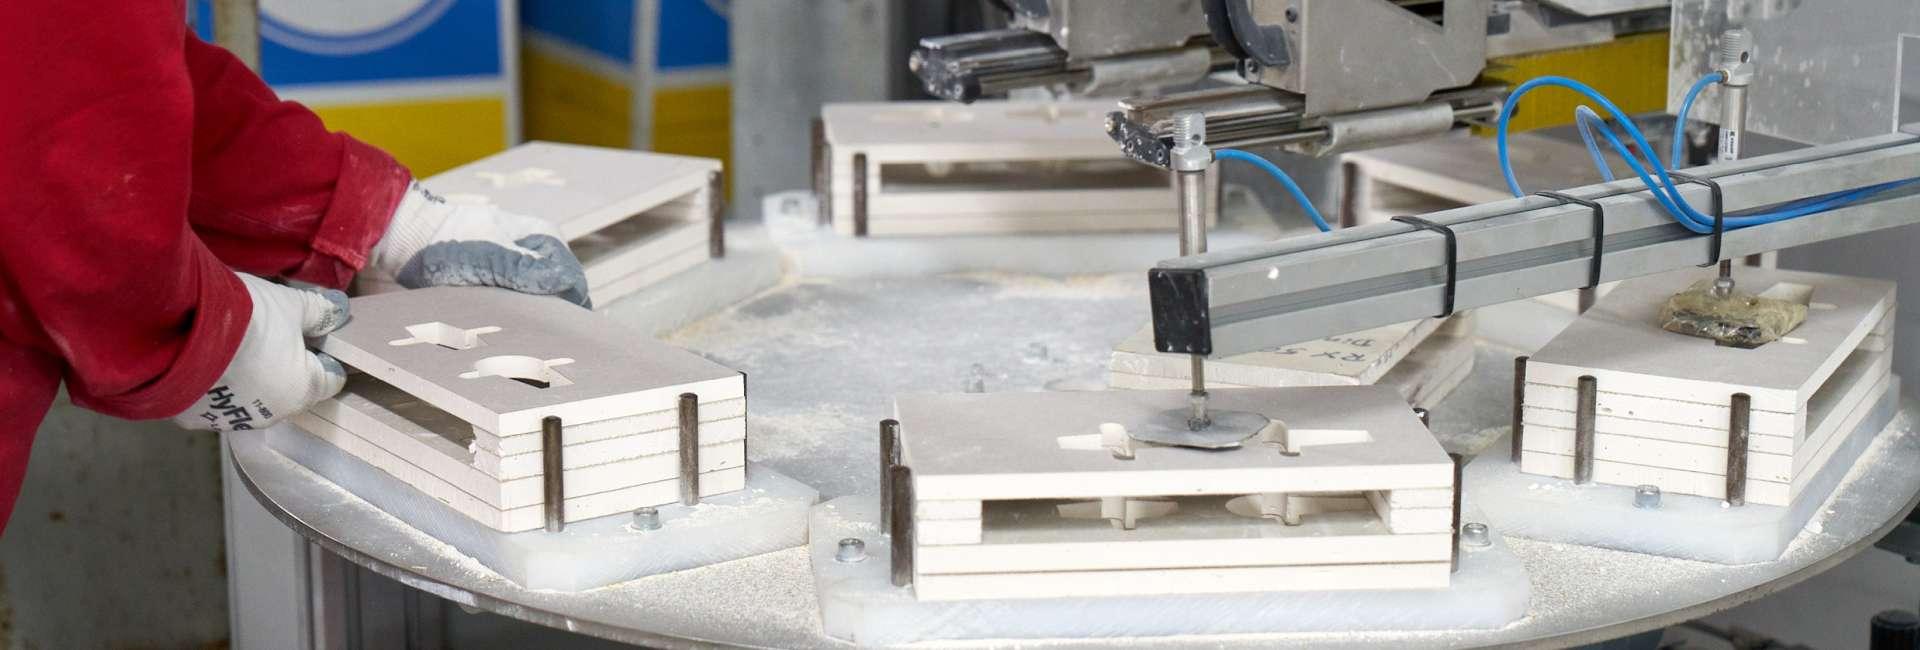 Vorkonfektionierung von Formteile und Plattenzuschnitten in Großserie